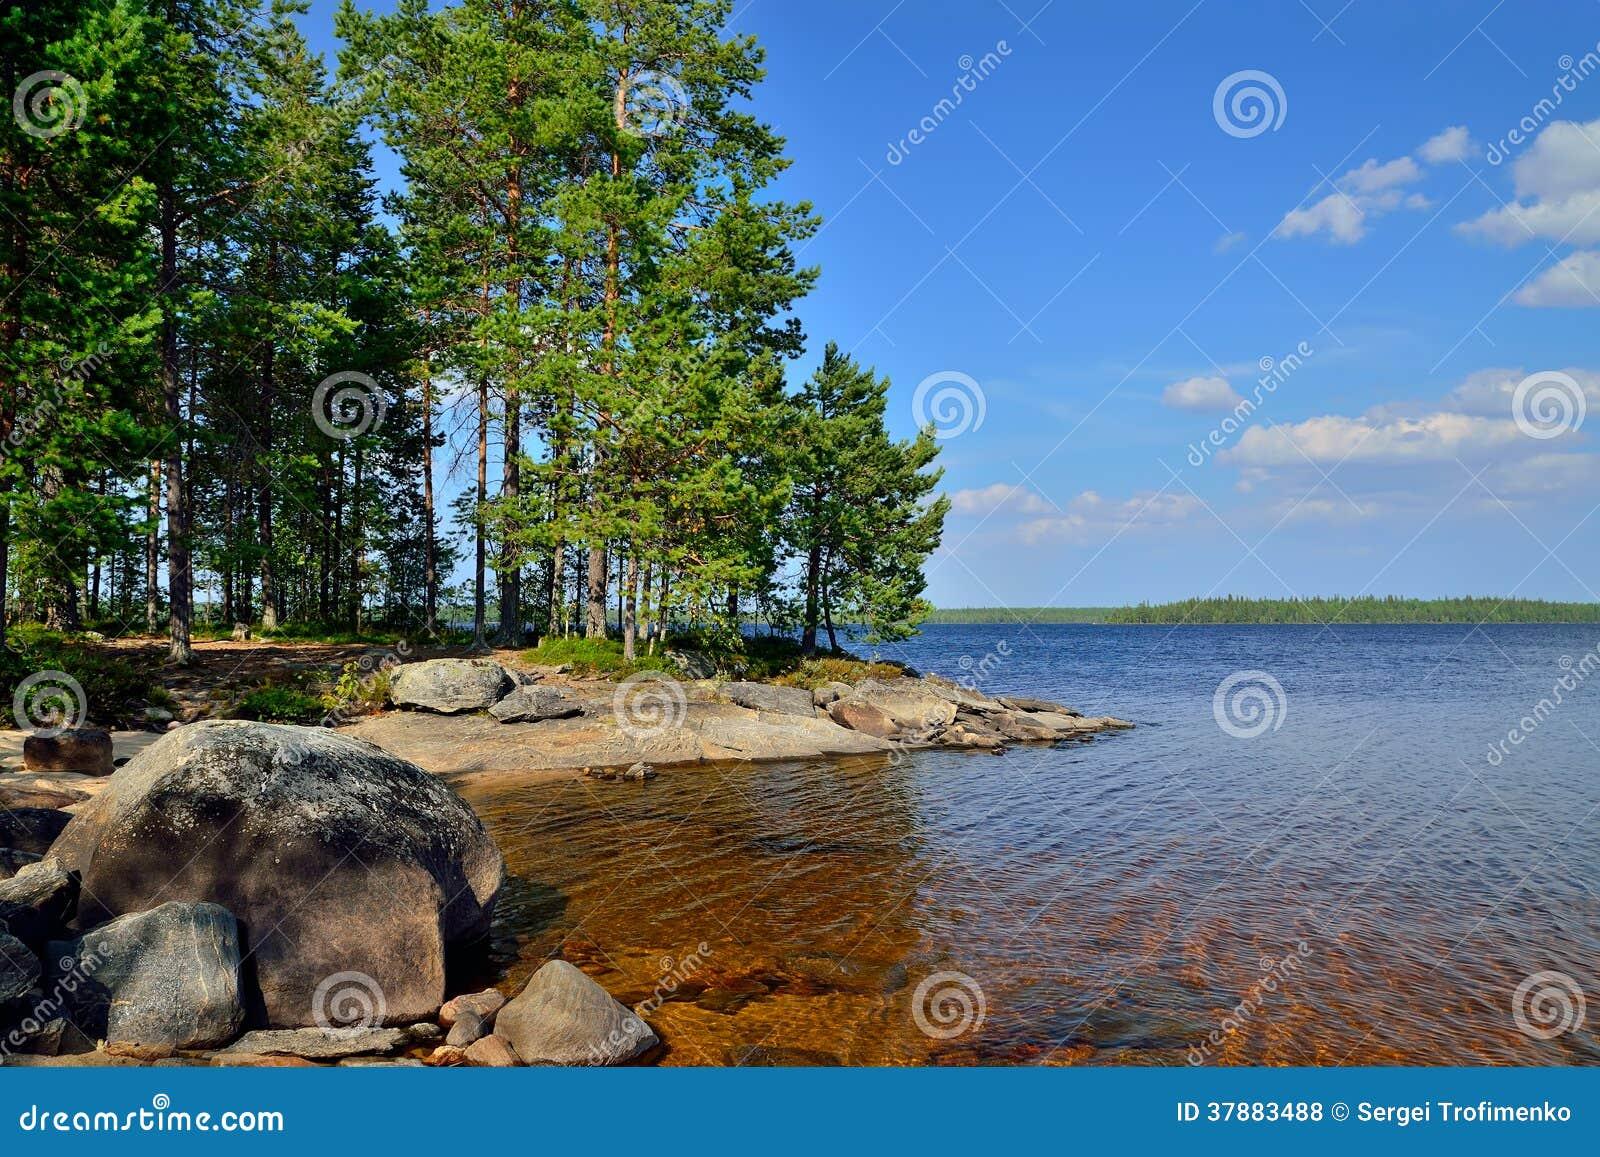 Meer Engozero. Noord-Karelië, Rusland